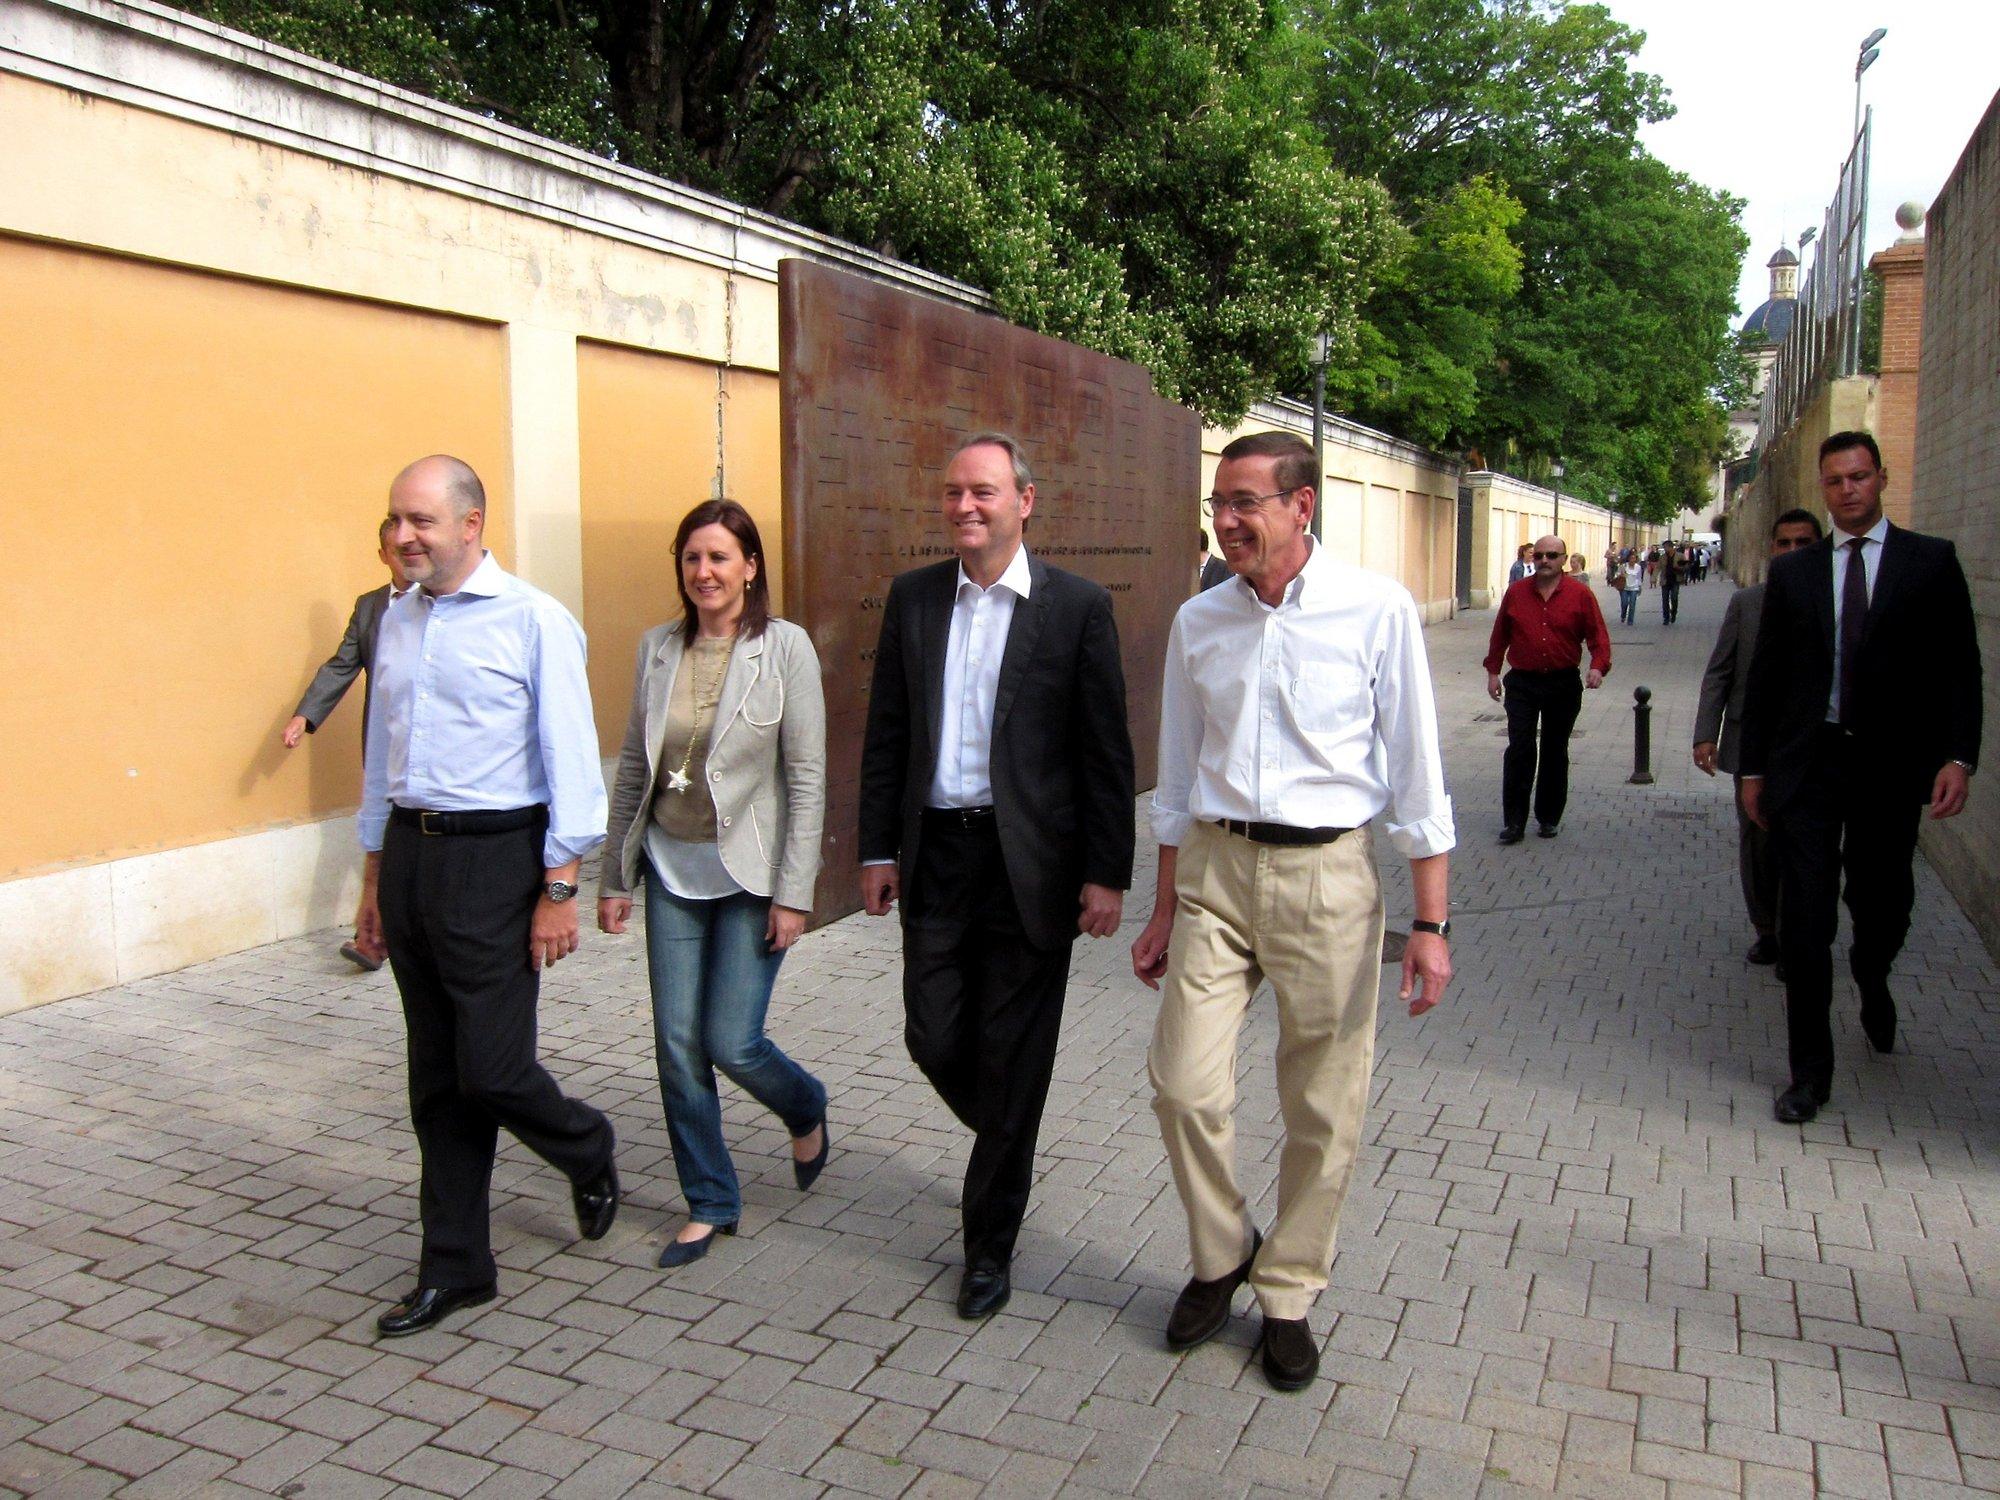 Fabra elige a Serafín Castellano como secretario general del PPCV para «relanzar» el partido y dar mayor cohesión